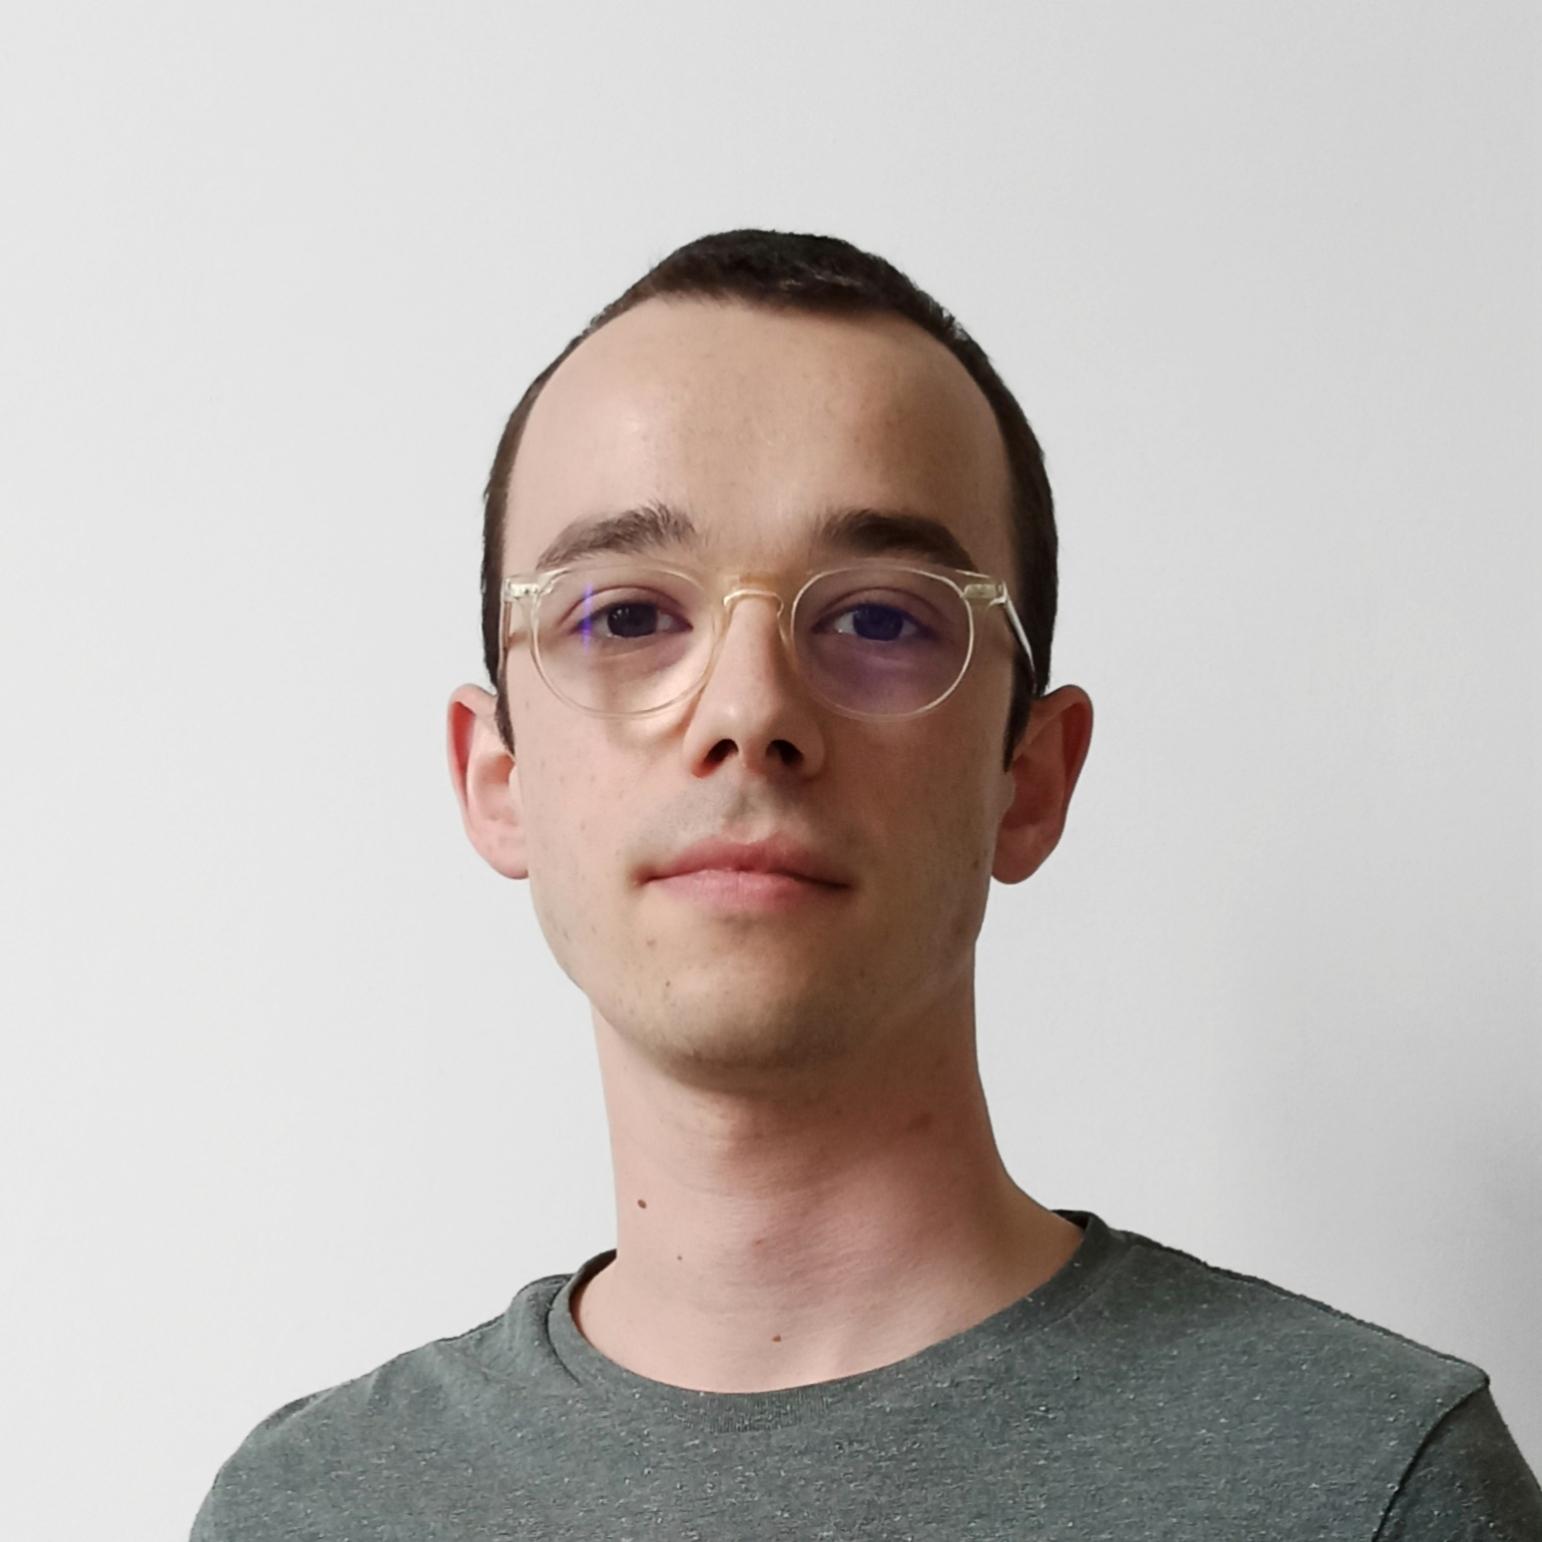 Raphaël Le Sergent est diplômé d'un Master en Marketing de l'IAE Paris-Sorbonne